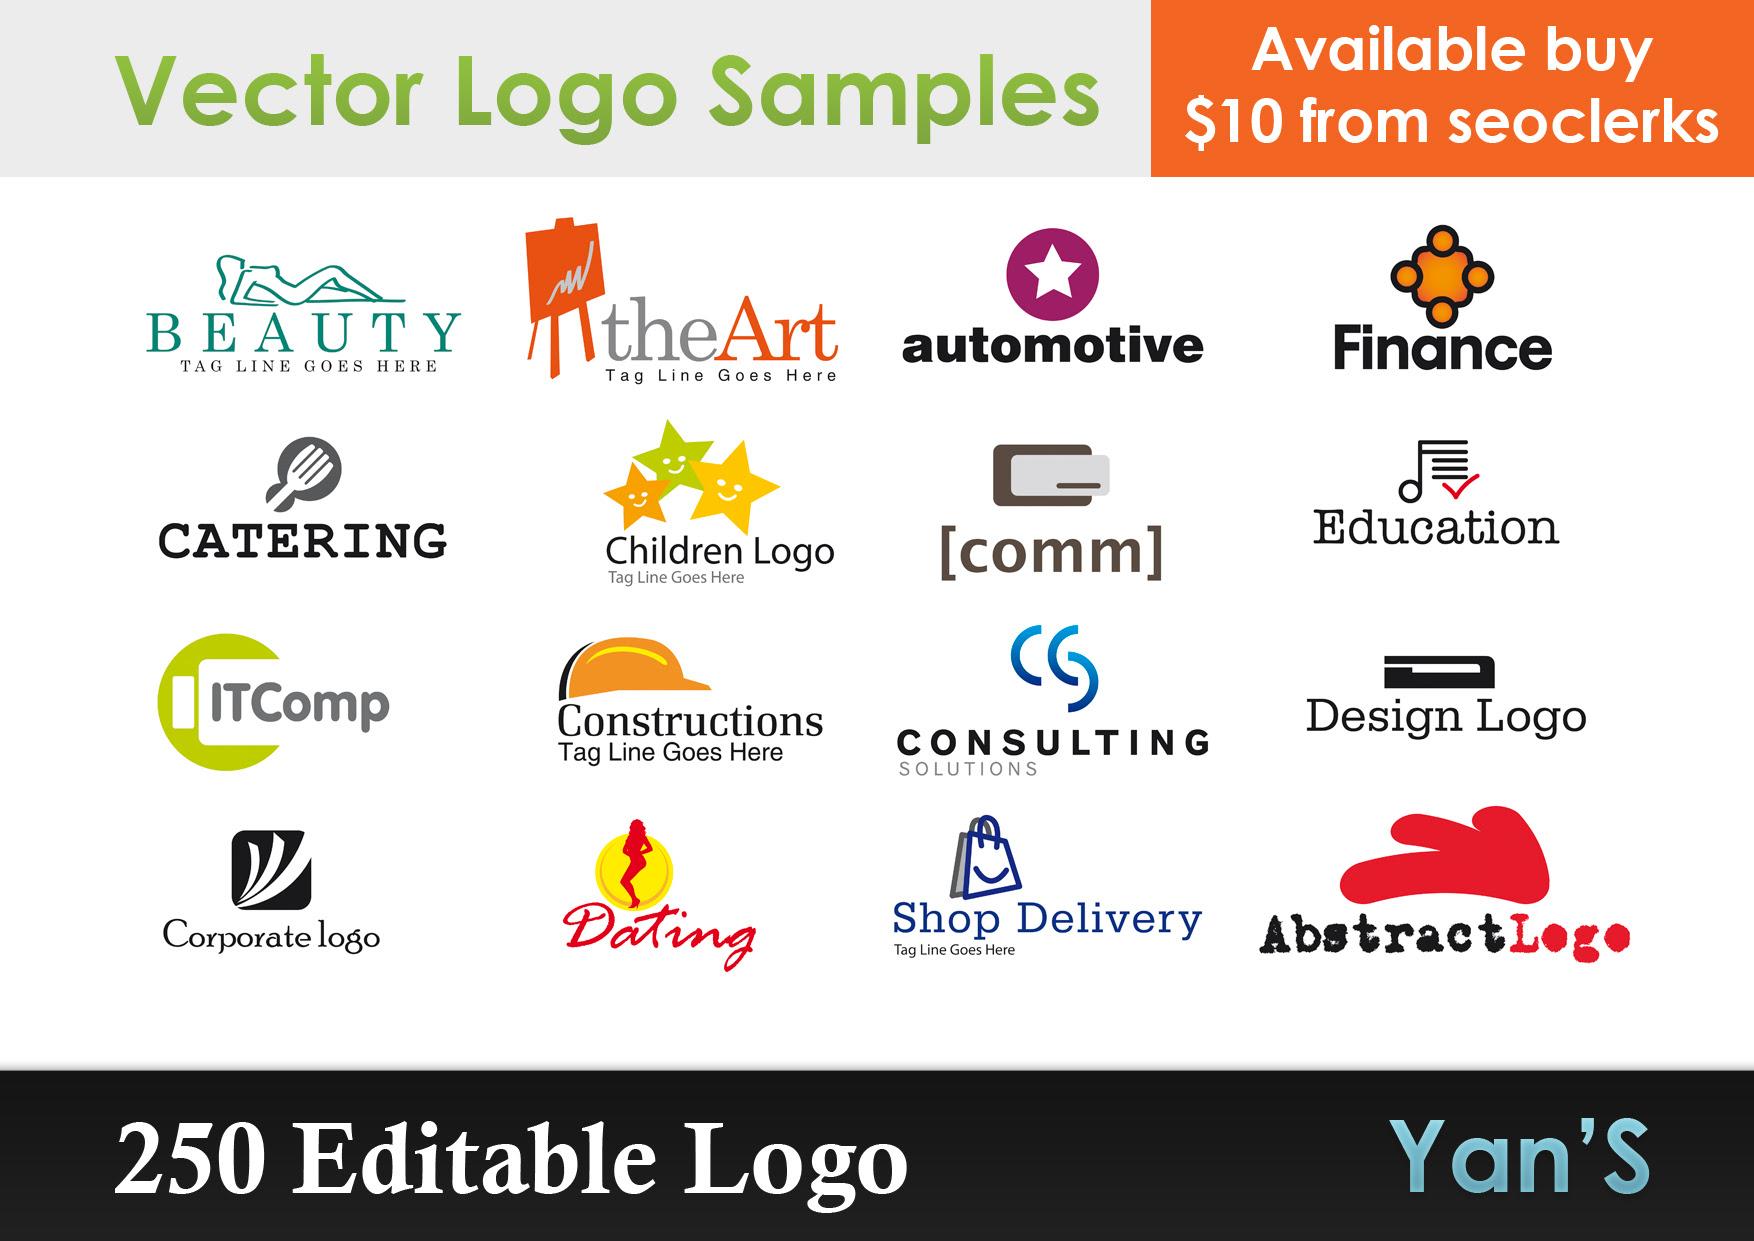 Send Gift 250 Editable Logo Vector Royalty FREE for $  5 - SEOClerks